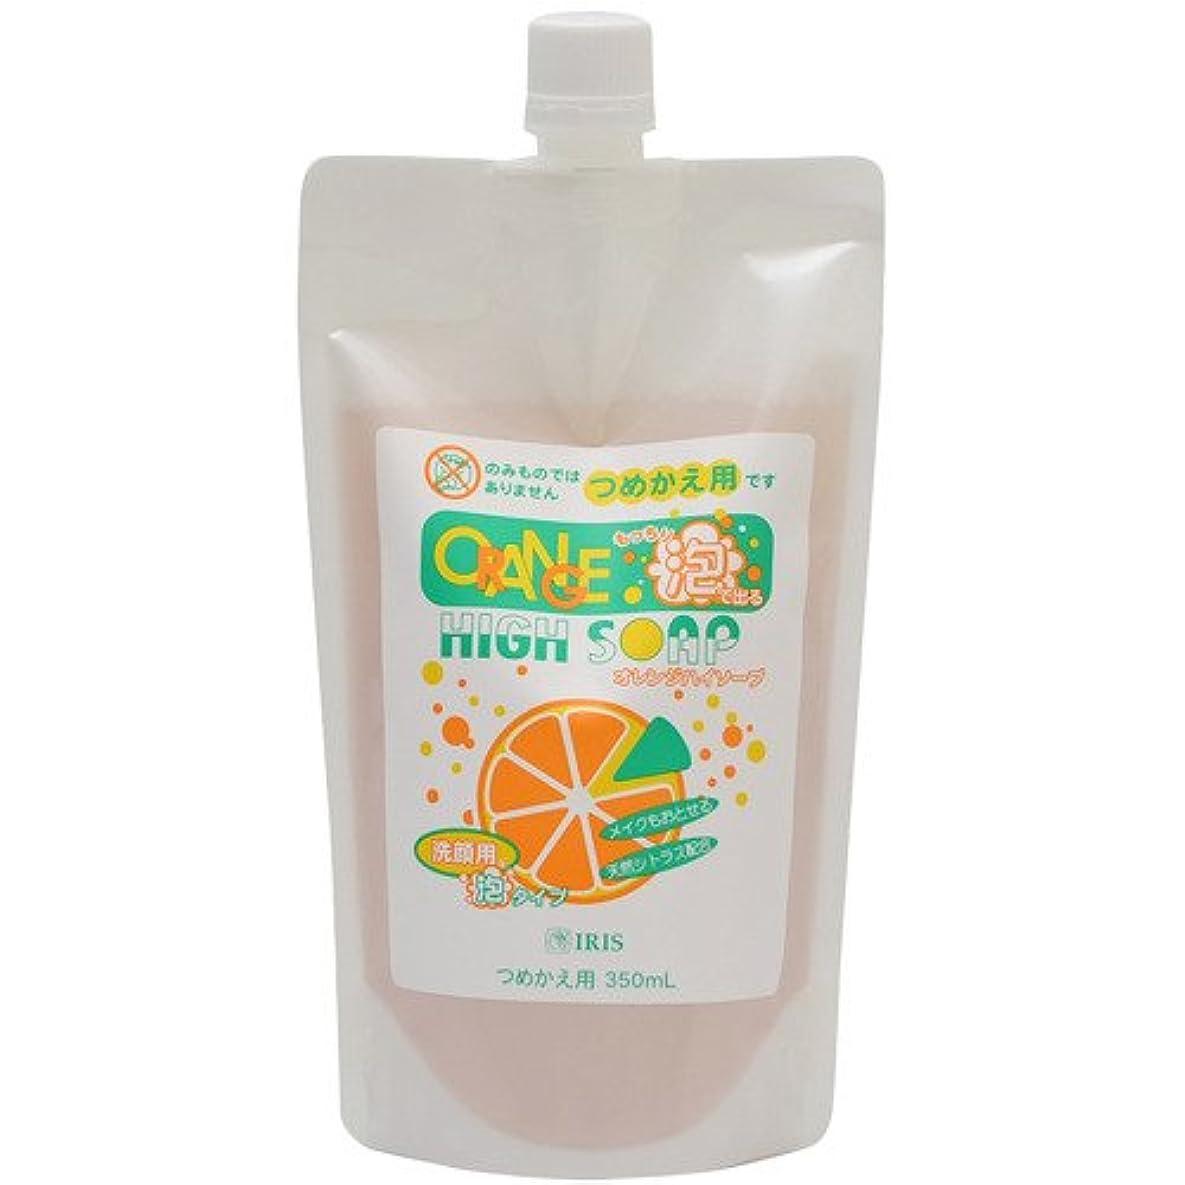 逸話内向き運動するオレンジハイソープ 洗顔用 泡タイプ ポンプ式 詰替用 350ml